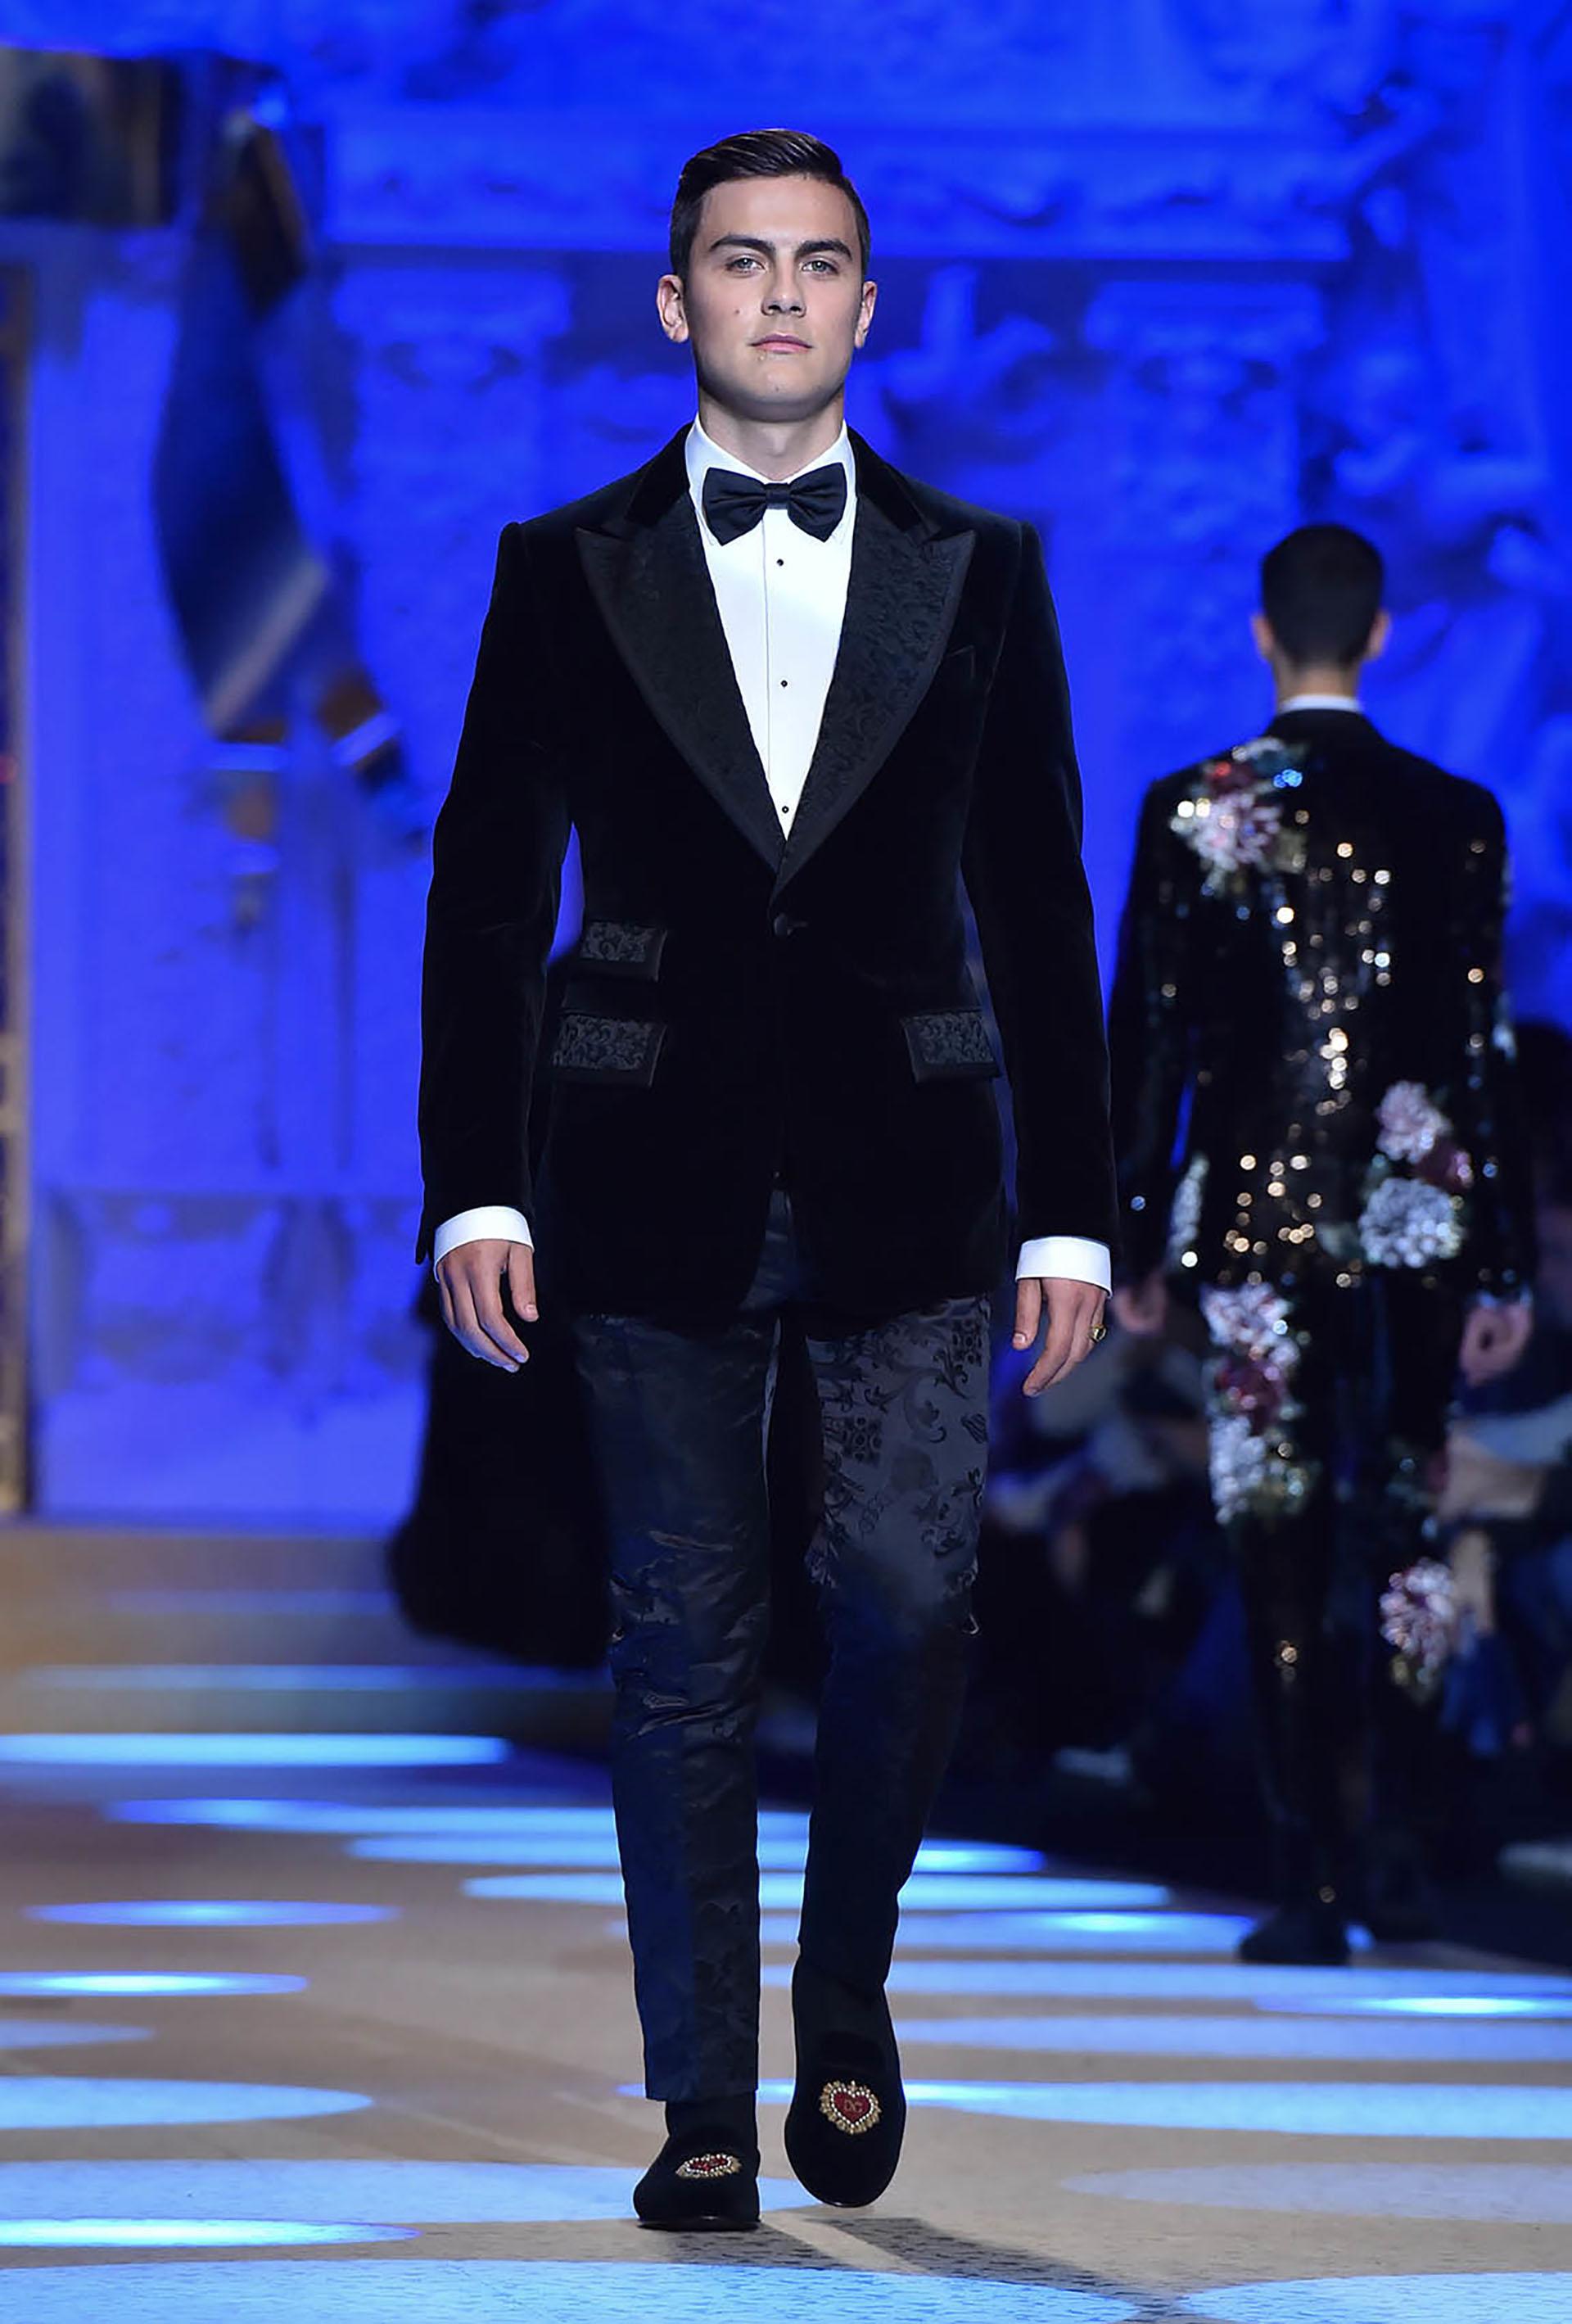 Paulo Dybala, Argentina, 24 años, soltero (Getty Images)